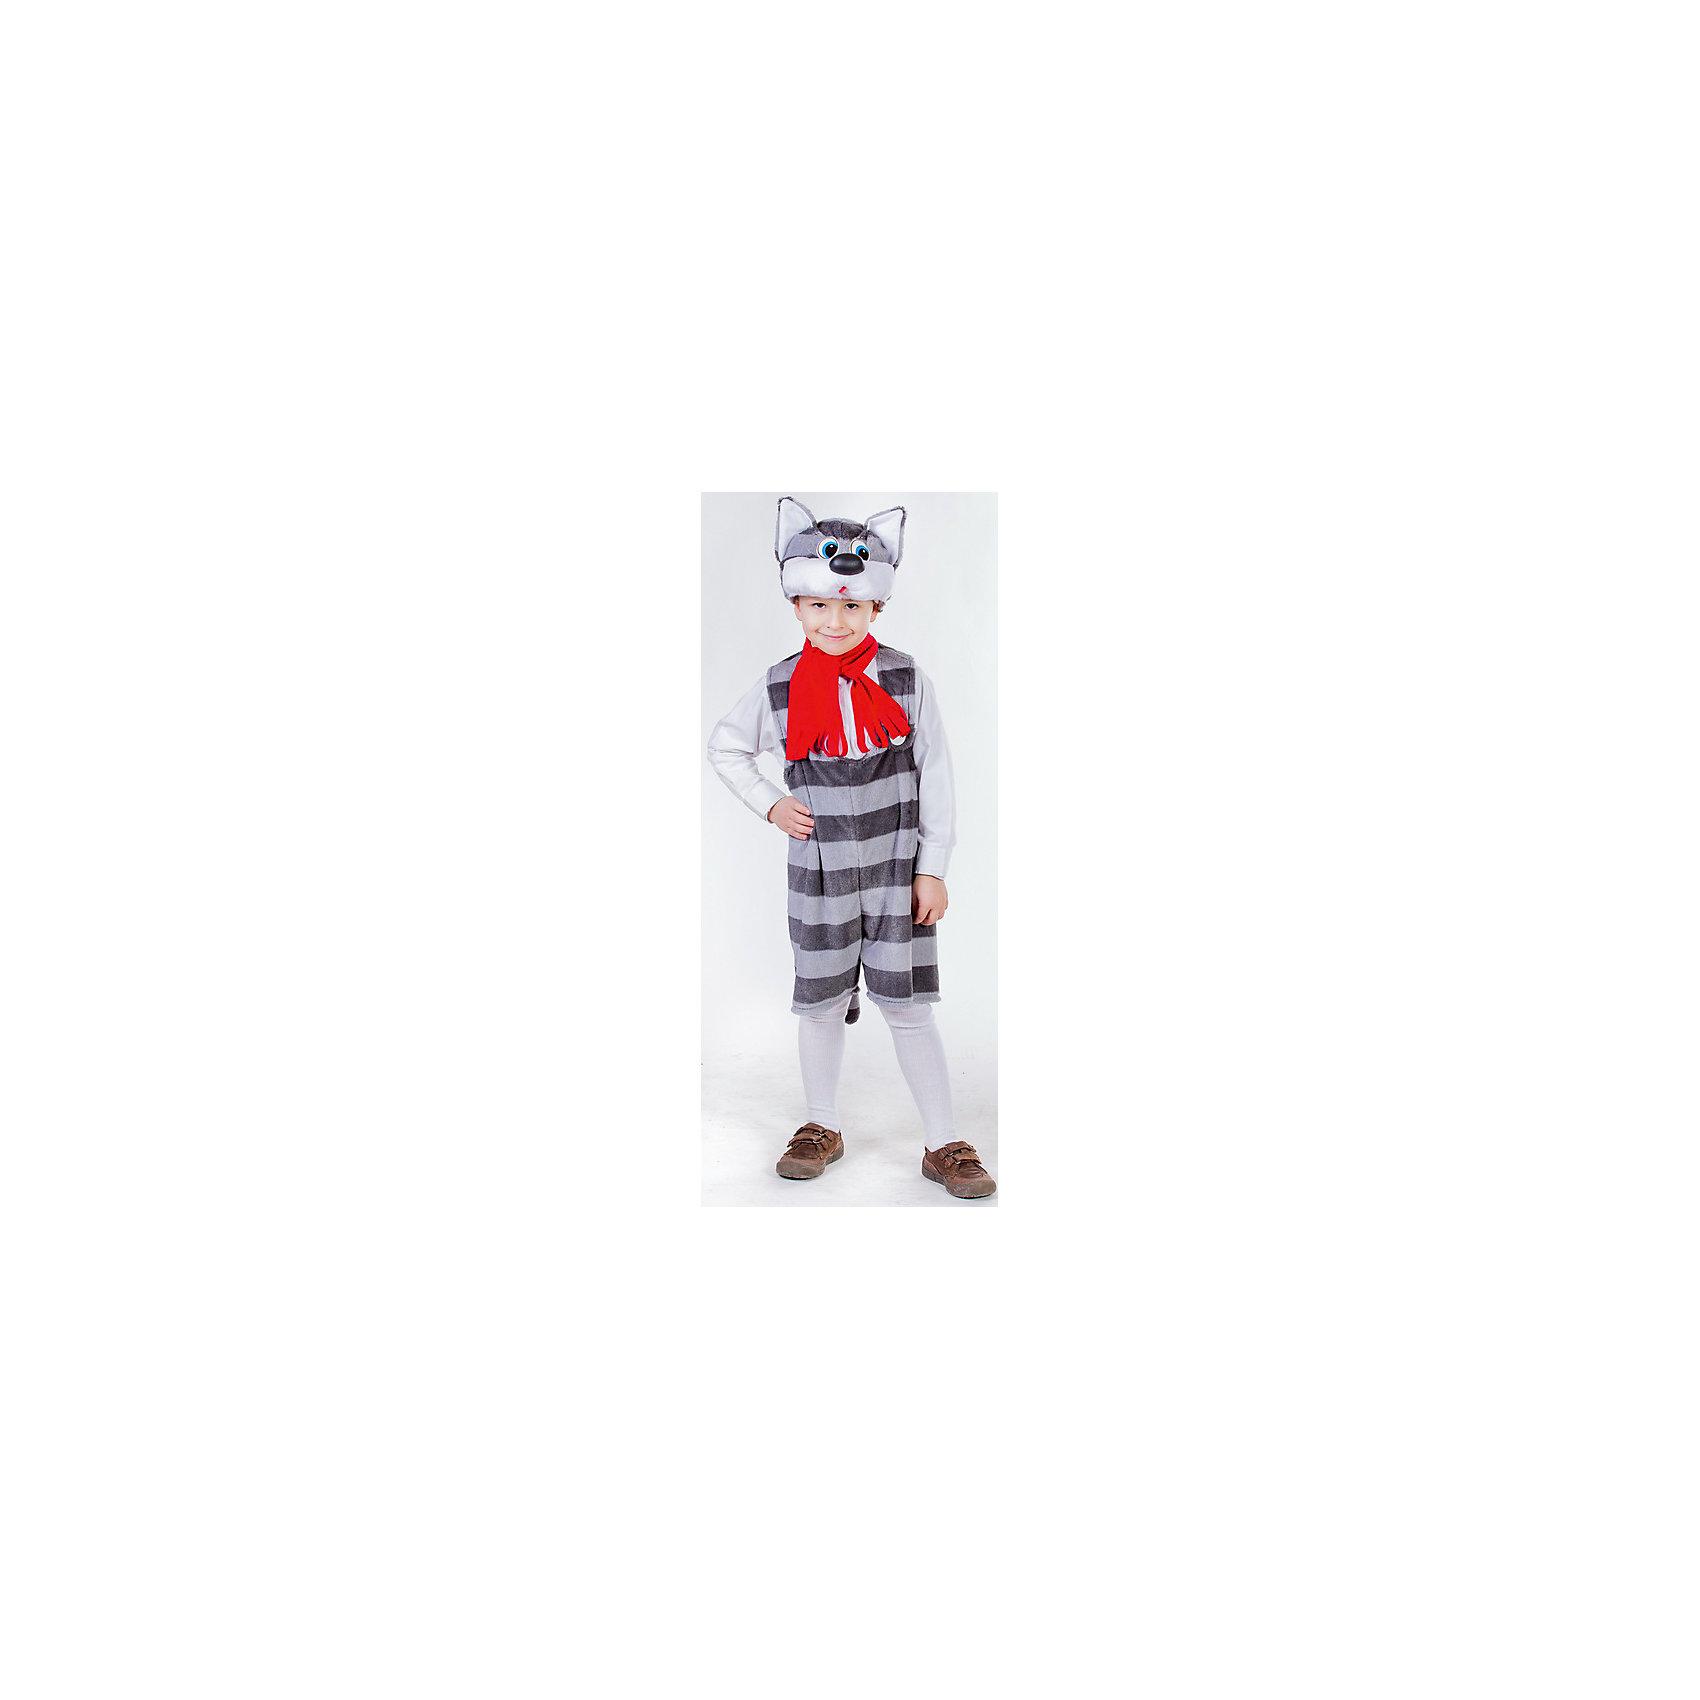 Карнавальный костюм Кот Матрос, КарнавалияКарнавальный костюм Кот Матрос представляет собой маскарадный наряд в образе кота Матроскина из всеми известного советского мультфильма Простоквашино.<br><br>Костюм выполнен в сером цвете в полоску. На шапке изображена мордочка удивленного кота с острыми ушками и большим черным носом. У комбинезона имеется застежка в виде молнии. <br><br>Дополнительная информация:<br><br>Комплект: маска-шапочка, комбинезон.<br>Из чего сделана игрушка (состав): текстиль, пластик, искусственный мех.<br>Рост: 122 см.<br>Страна обладатель бренда: Россия.<br>Внимание! Шарфик в комплект не входит.<br><br>Карнавальный костюм Кот Матрос  можно купить в нашем интернет-магазине.<br><br>Ширина мм: 300<br>Глубина мм: 50<br>Высота мм: 280<br>Вес г: 375<br>Цвет: разноцветный<br>Возраст от месяцев: 36<br>Возраст до месяцев: 84<br>Пол: Унисекс<br>Возраст: Детский<br>Размер: 122/128<br>SKU: 4764388